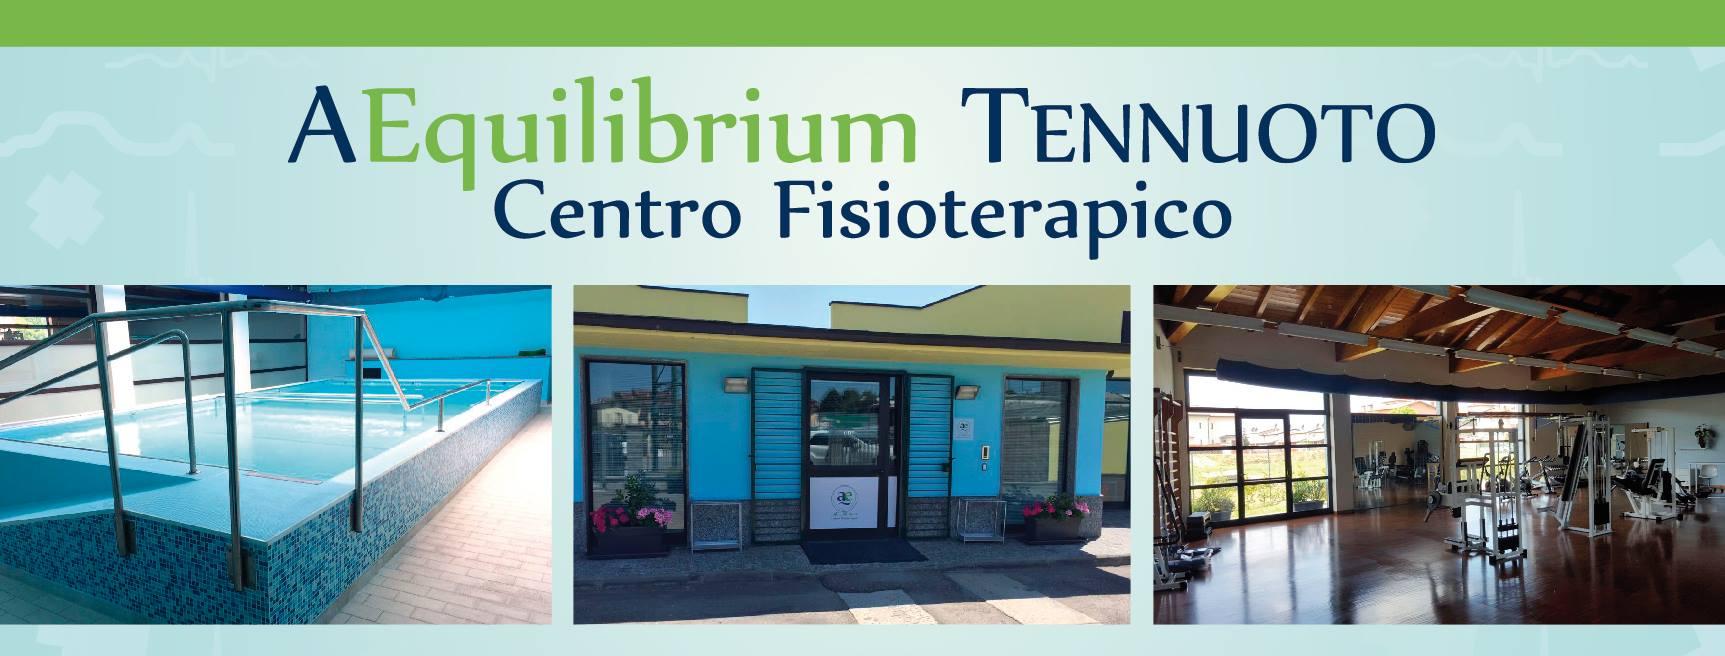 Centro Fisioterapico Aequilibrium